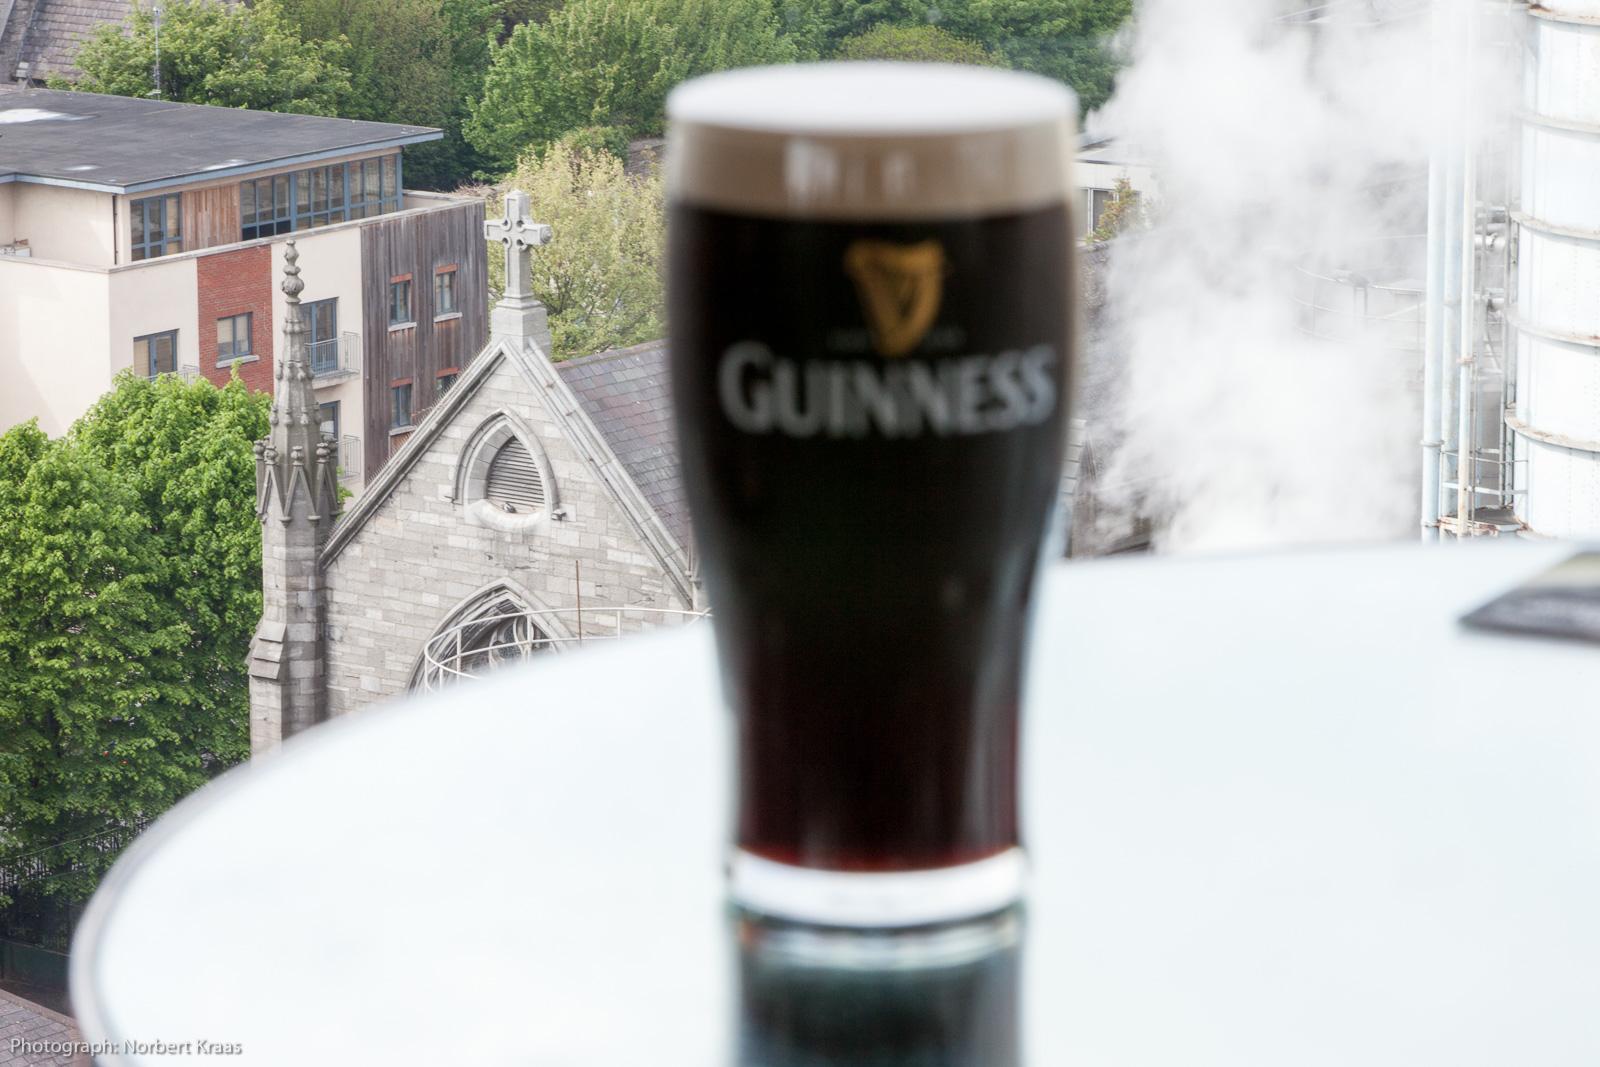 Wanderer kommst Du nach Dublin. Die Kirche neben der Guiness-Brauerei mahnt zum Maßhalten.